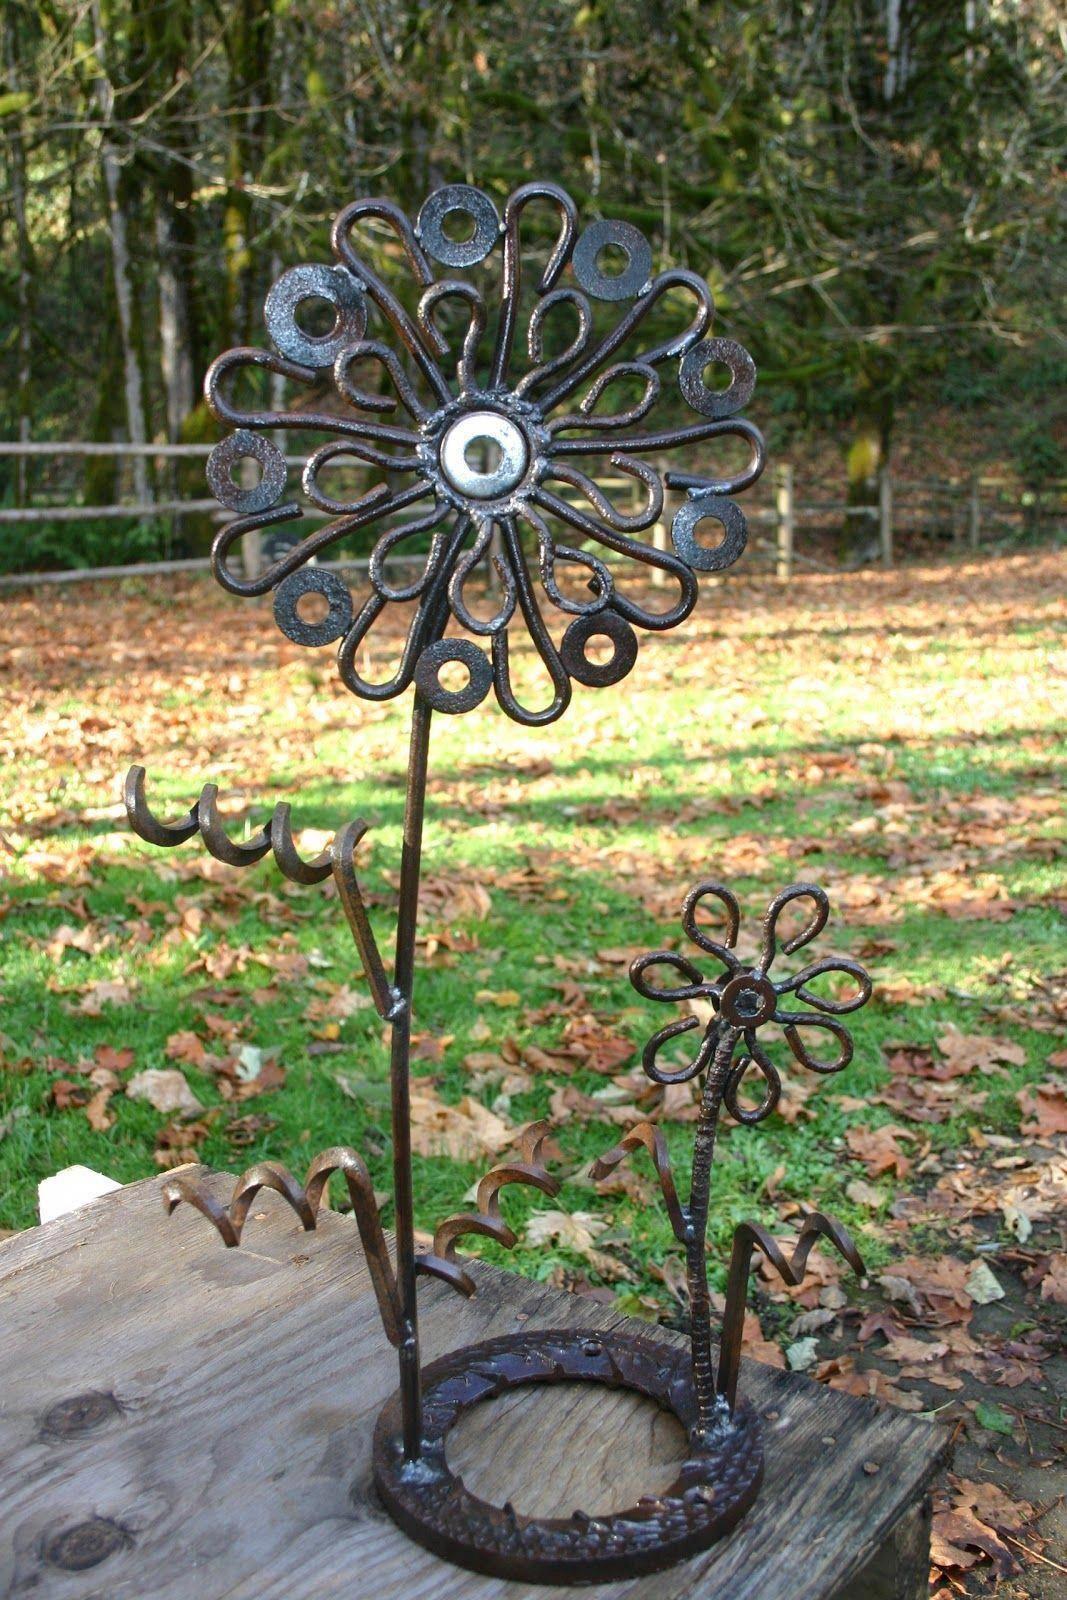 simple scrap metal art #Scrapmetalart | Scrap metal art ...